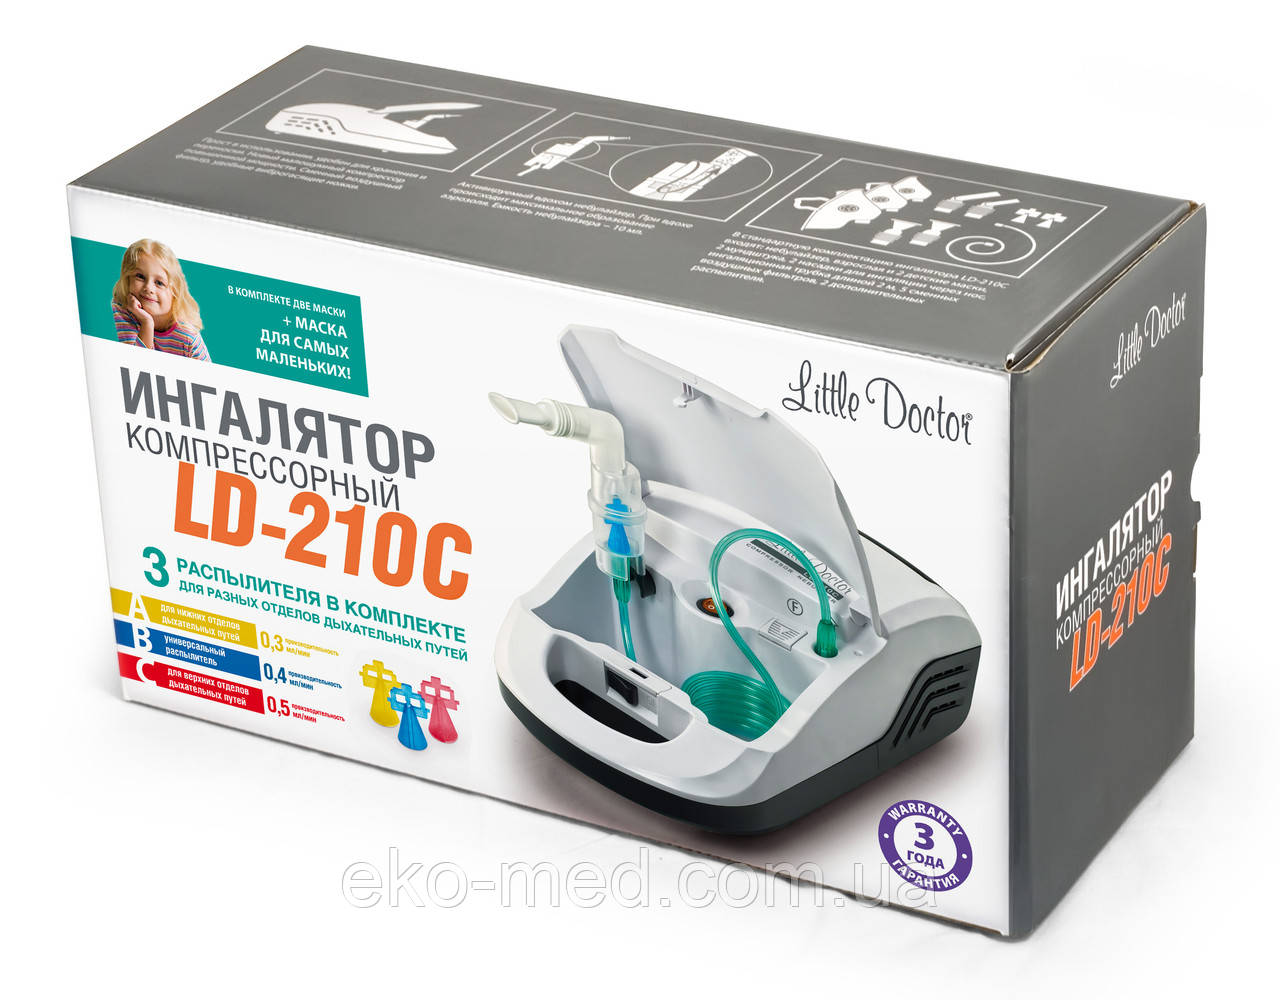 Ингалятор компрессорный Little Doctor (Сингапур)